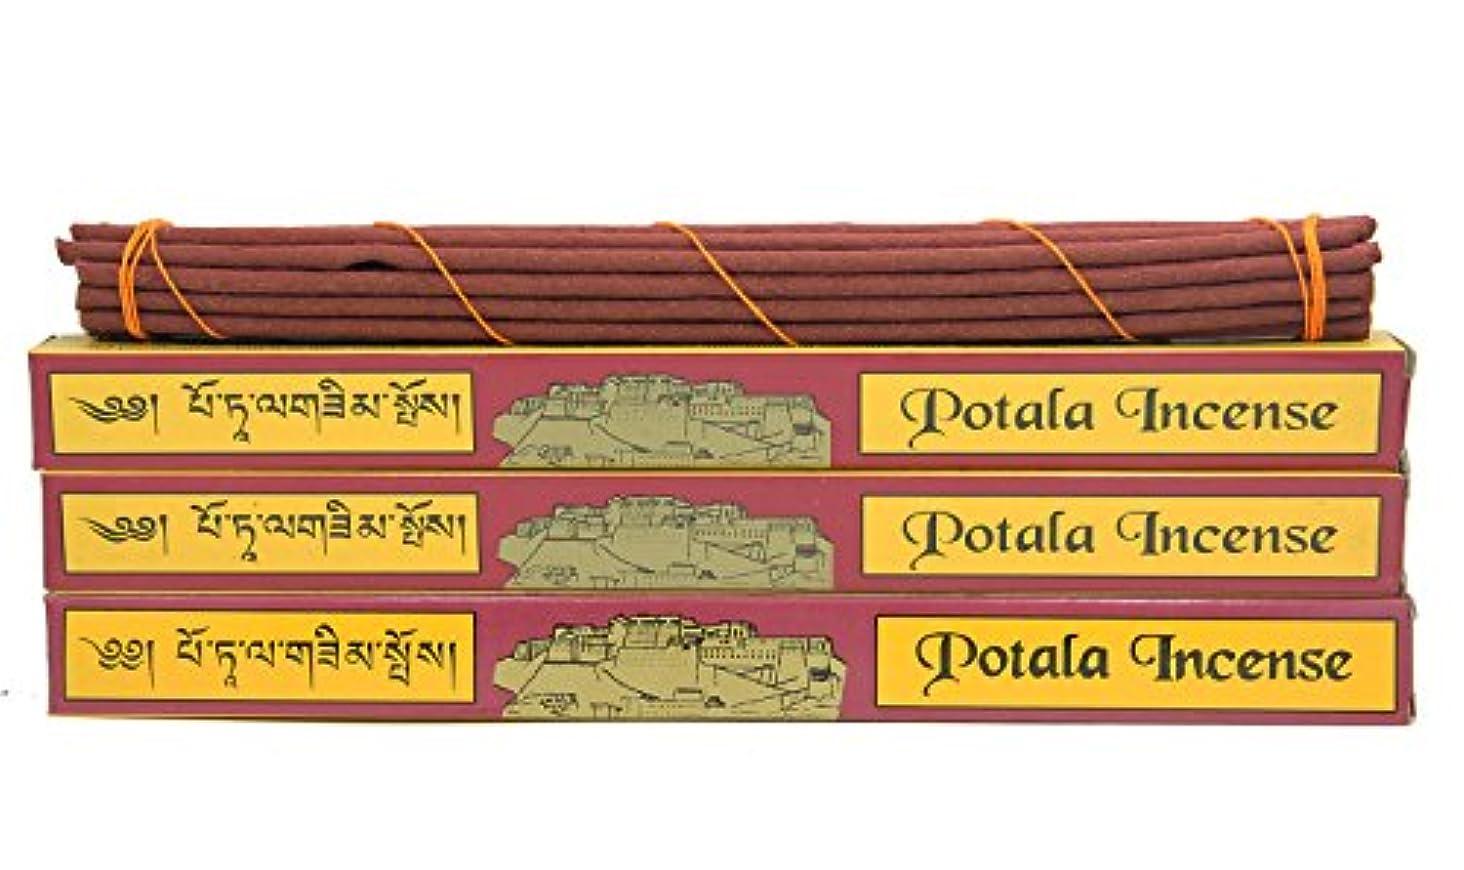 定期的絶滅抗生物質DharmaObjects 3ボックス元チベット従来Potala Incense Large 60 Sticks レッド 14139981